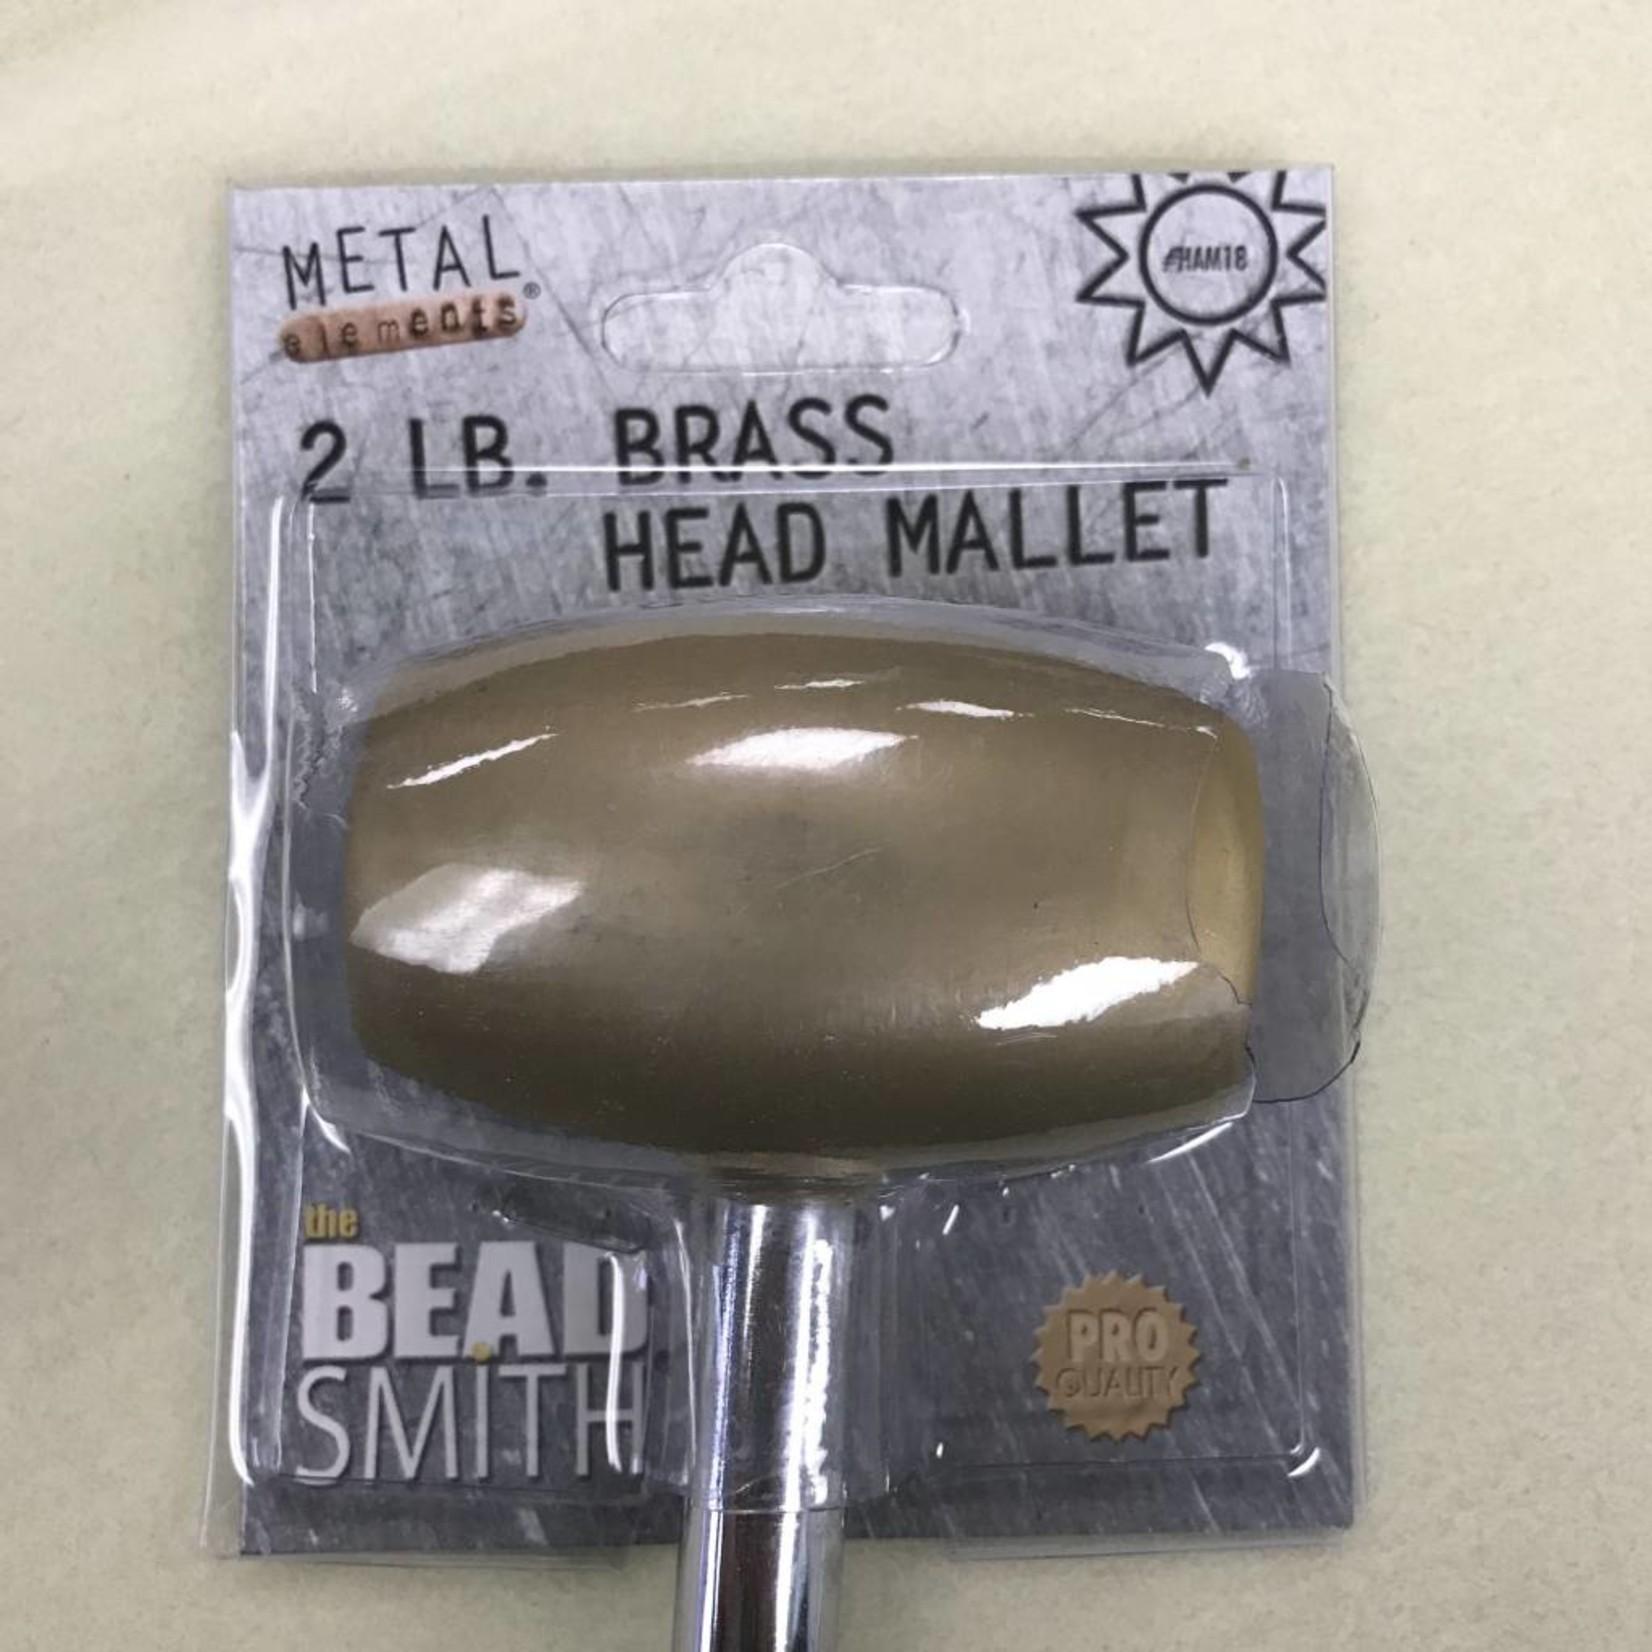 2lb. Brass Head MALLET